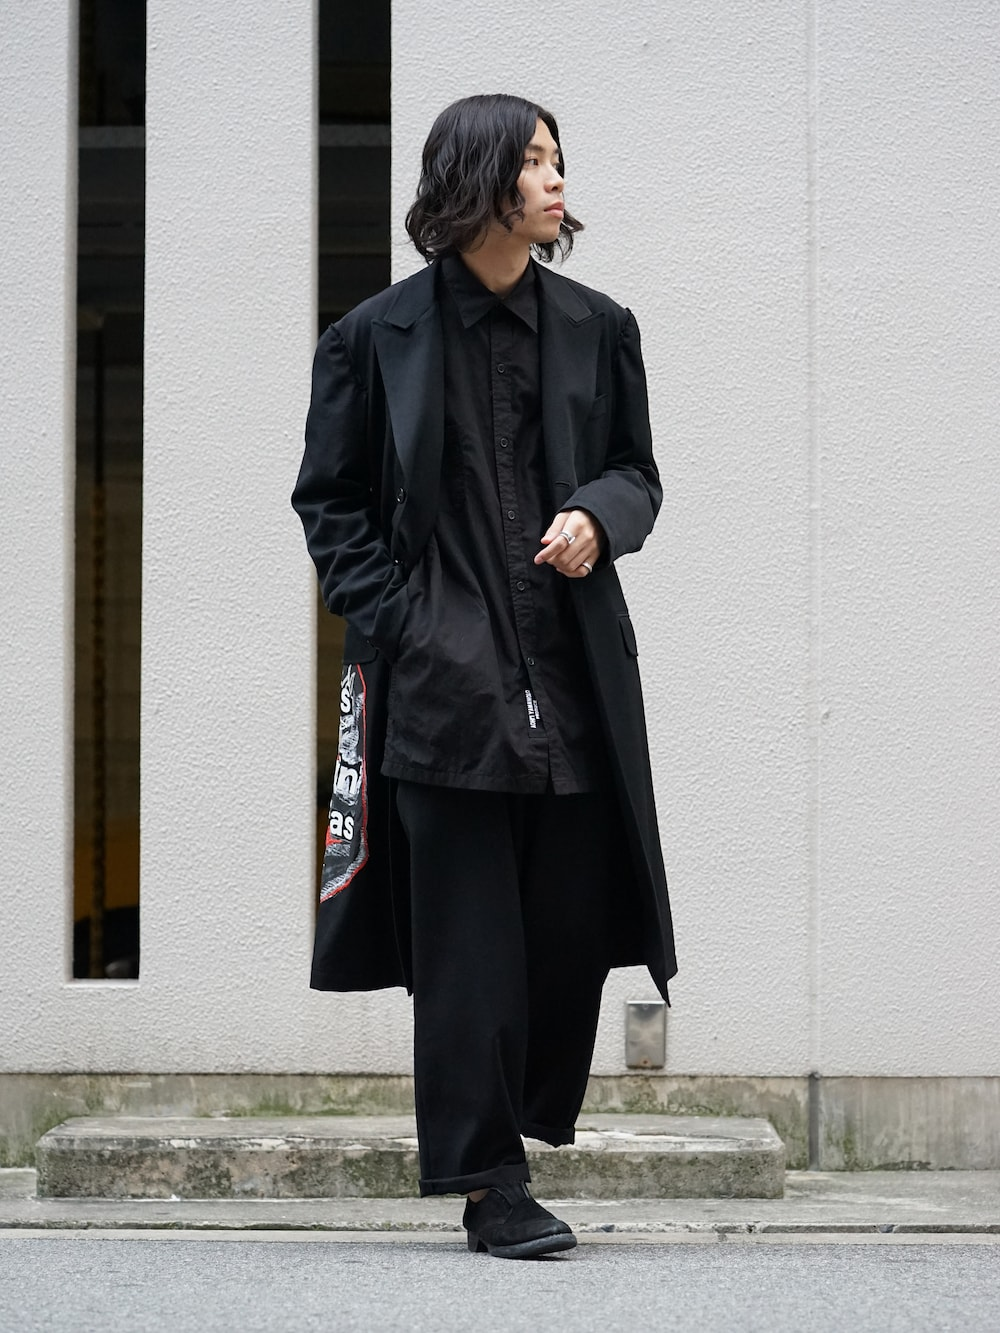 Yohji Yamamoto Print Embroidery Long Jacket  01